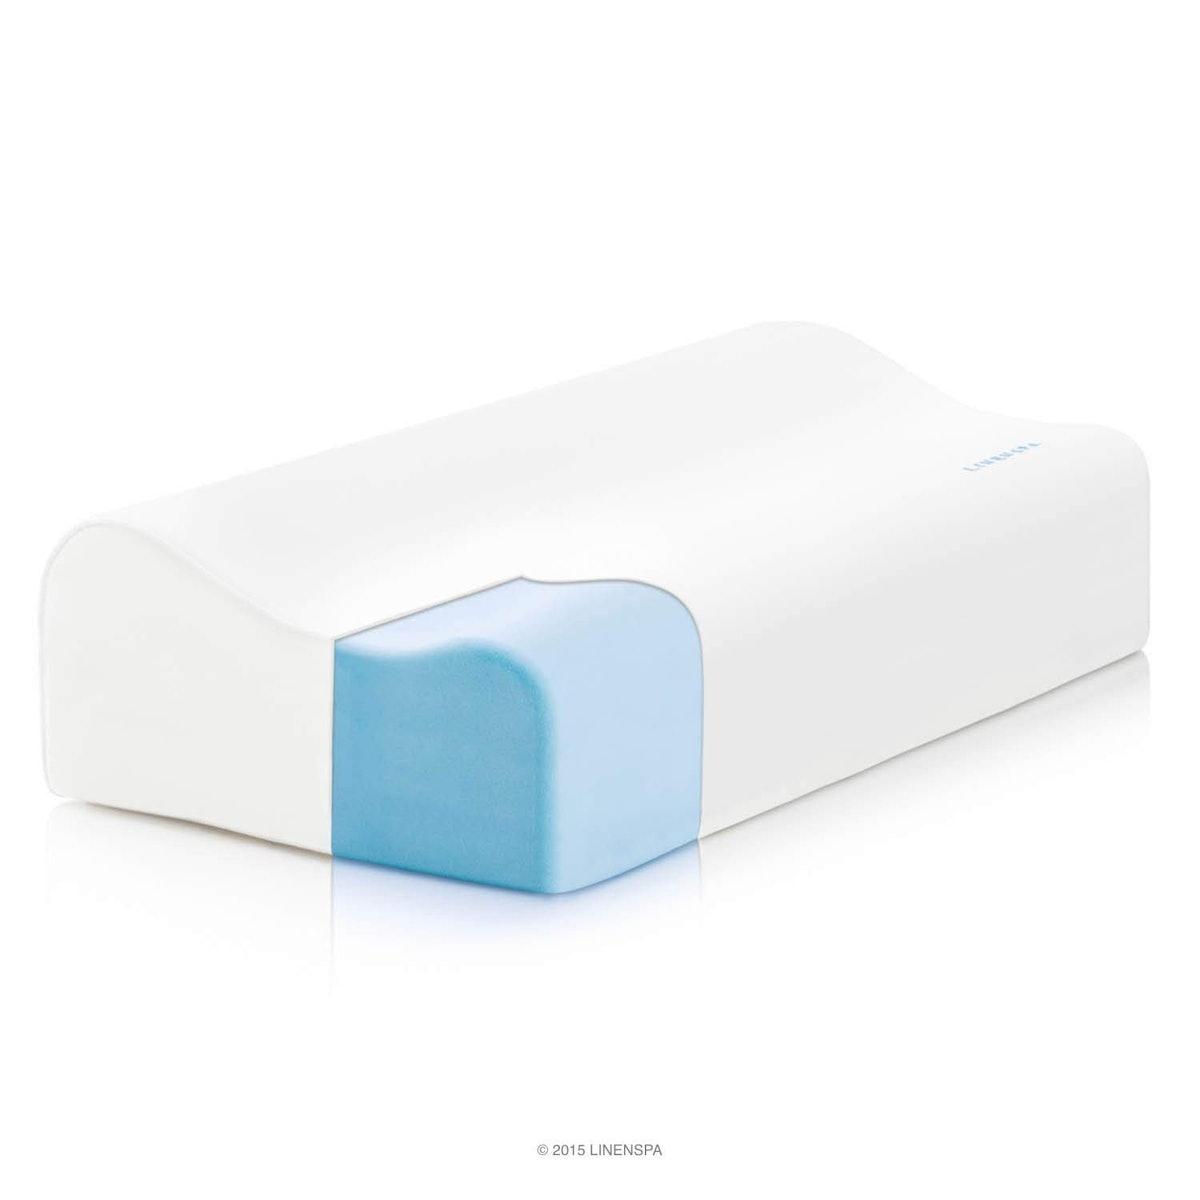 LinenSpa Gel Memory Foam Pillow